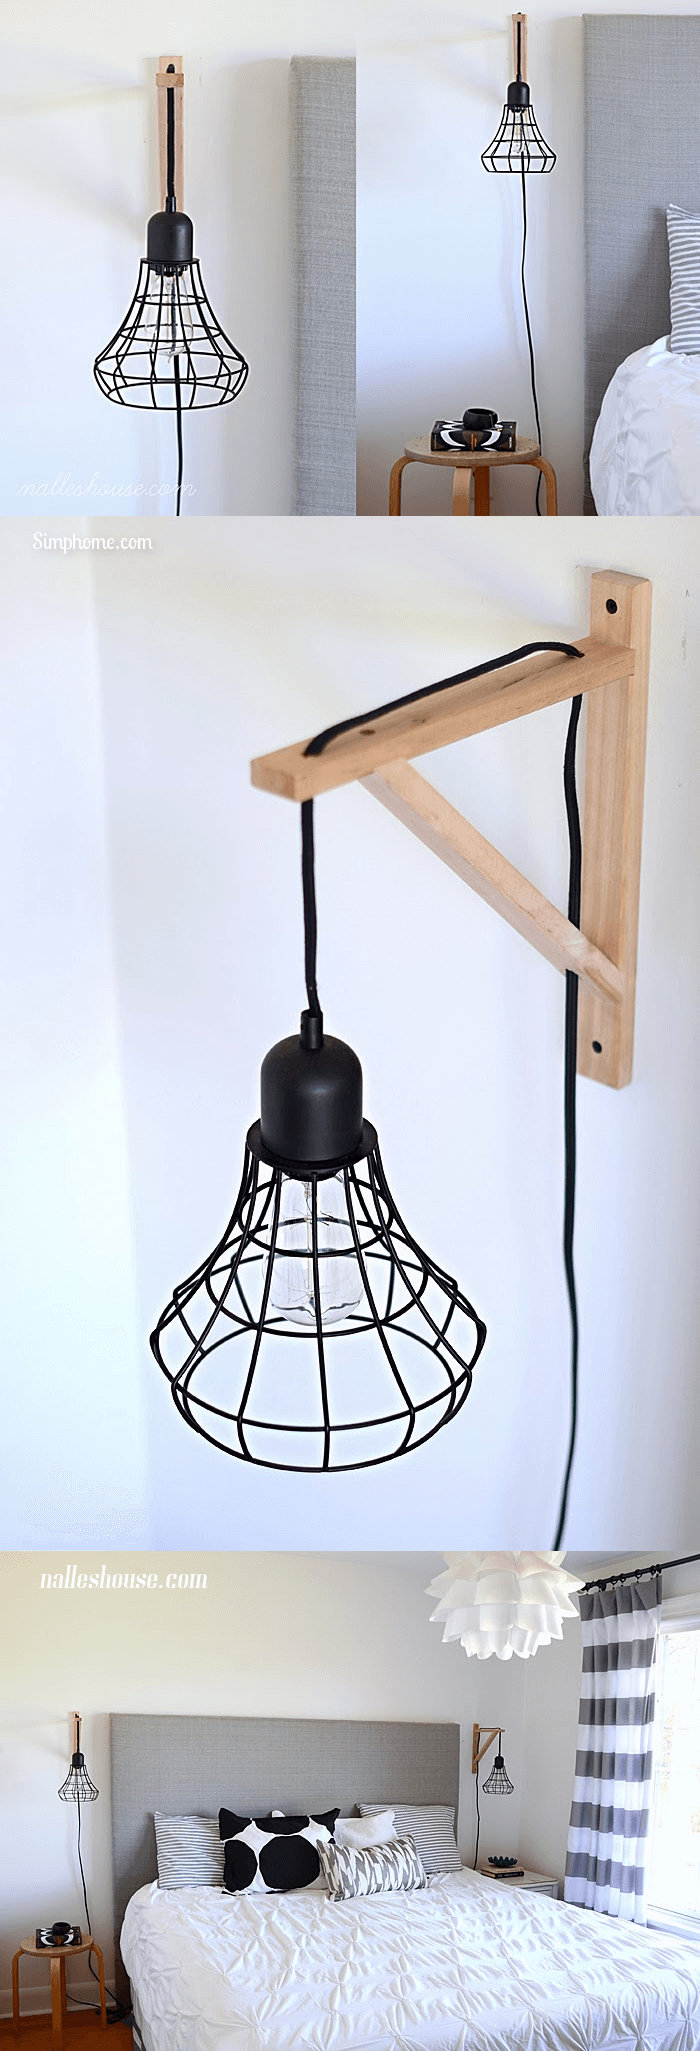 DIY Cage Light Sconces 14 Simphome com p